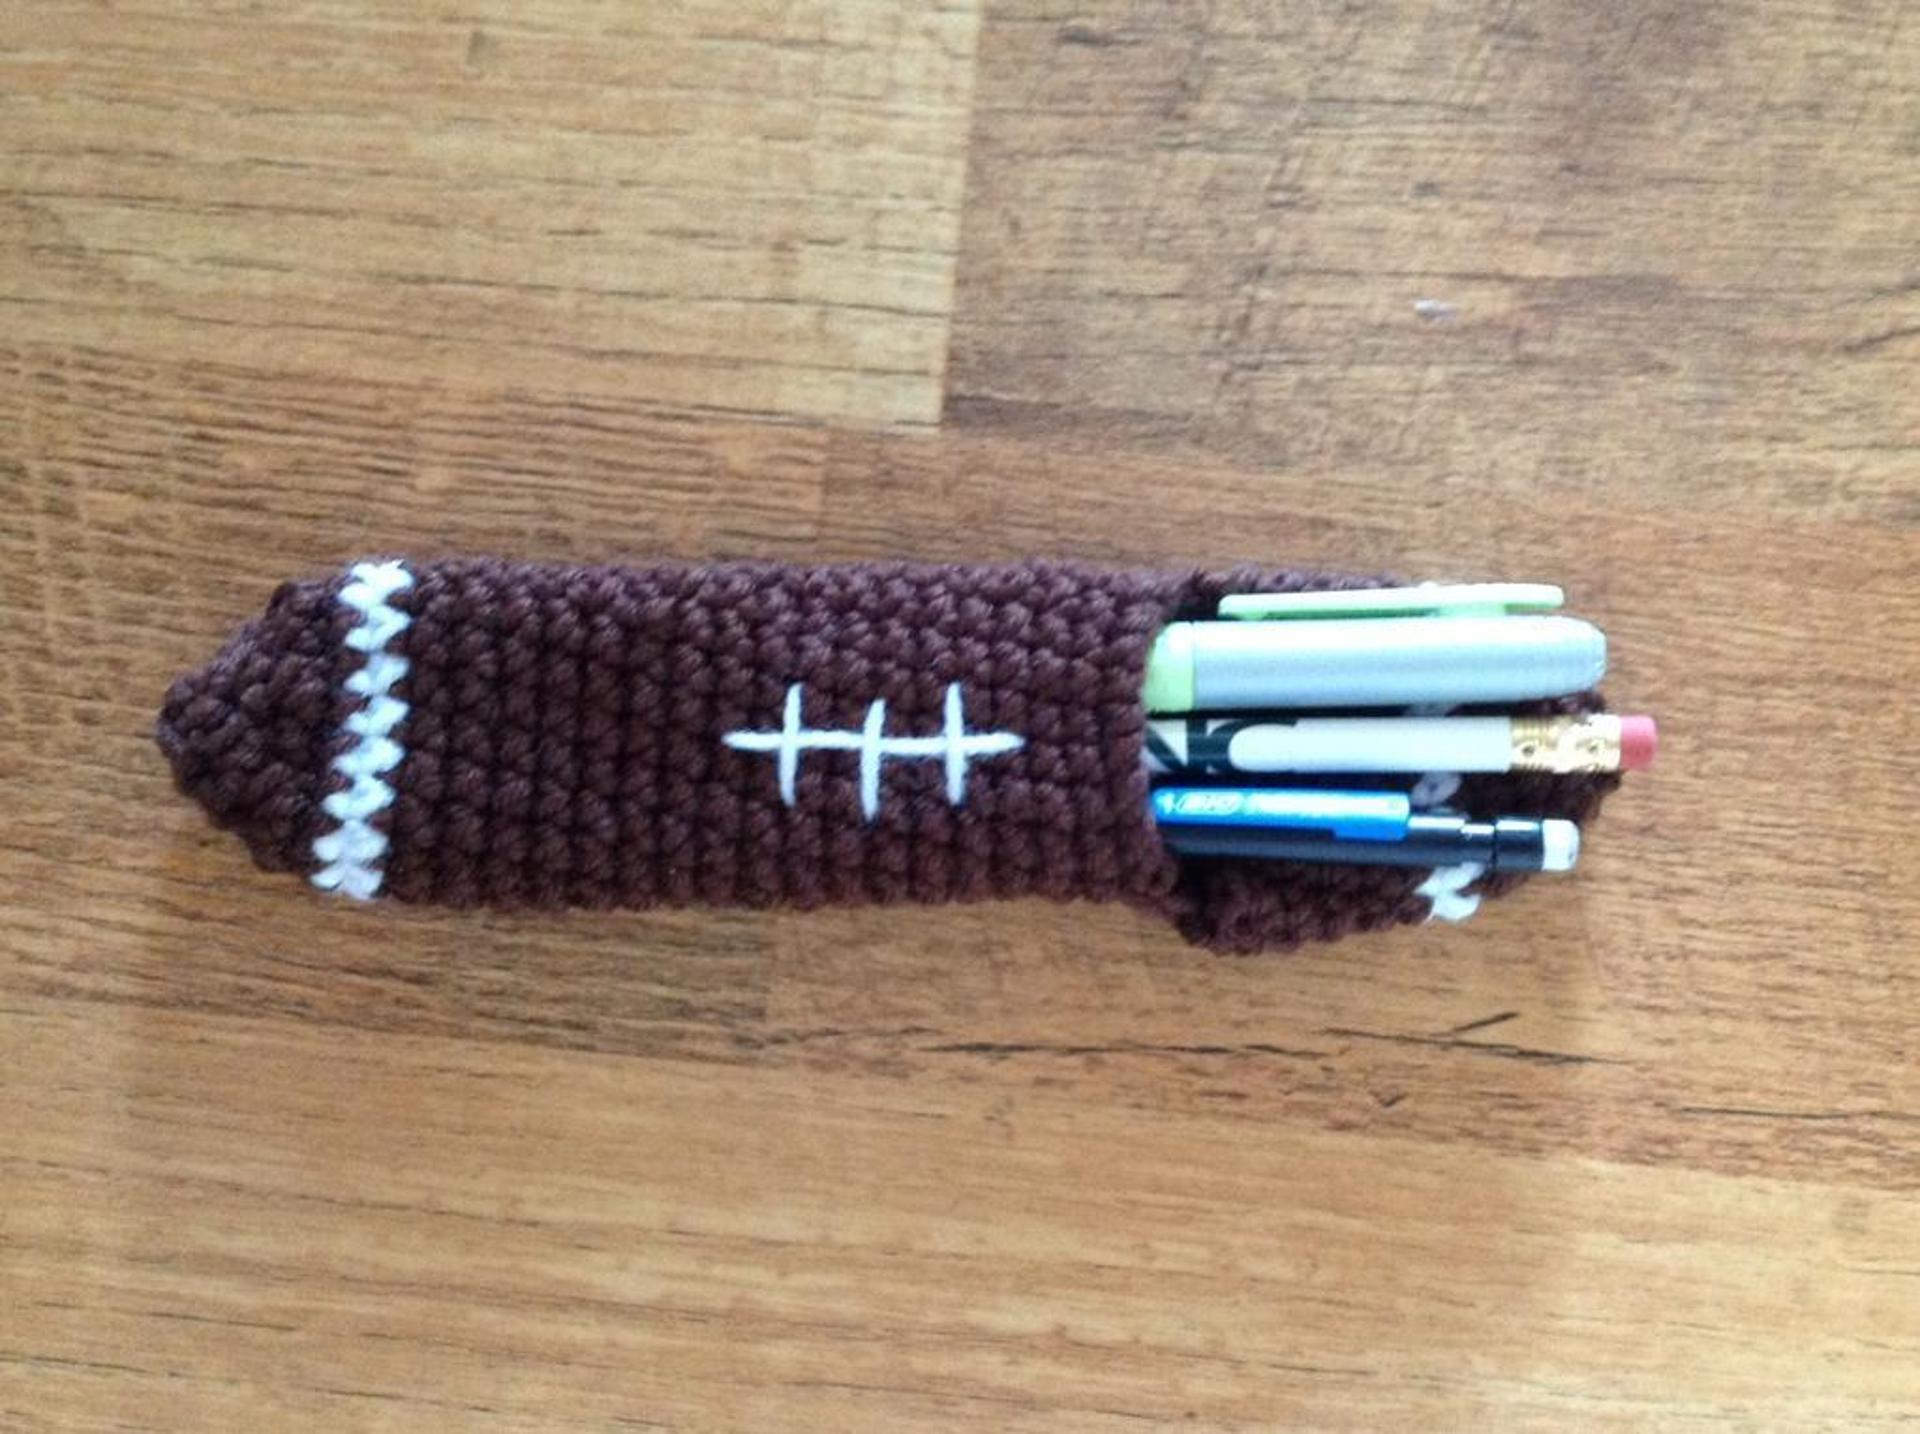 football pencil holder crochet pattern